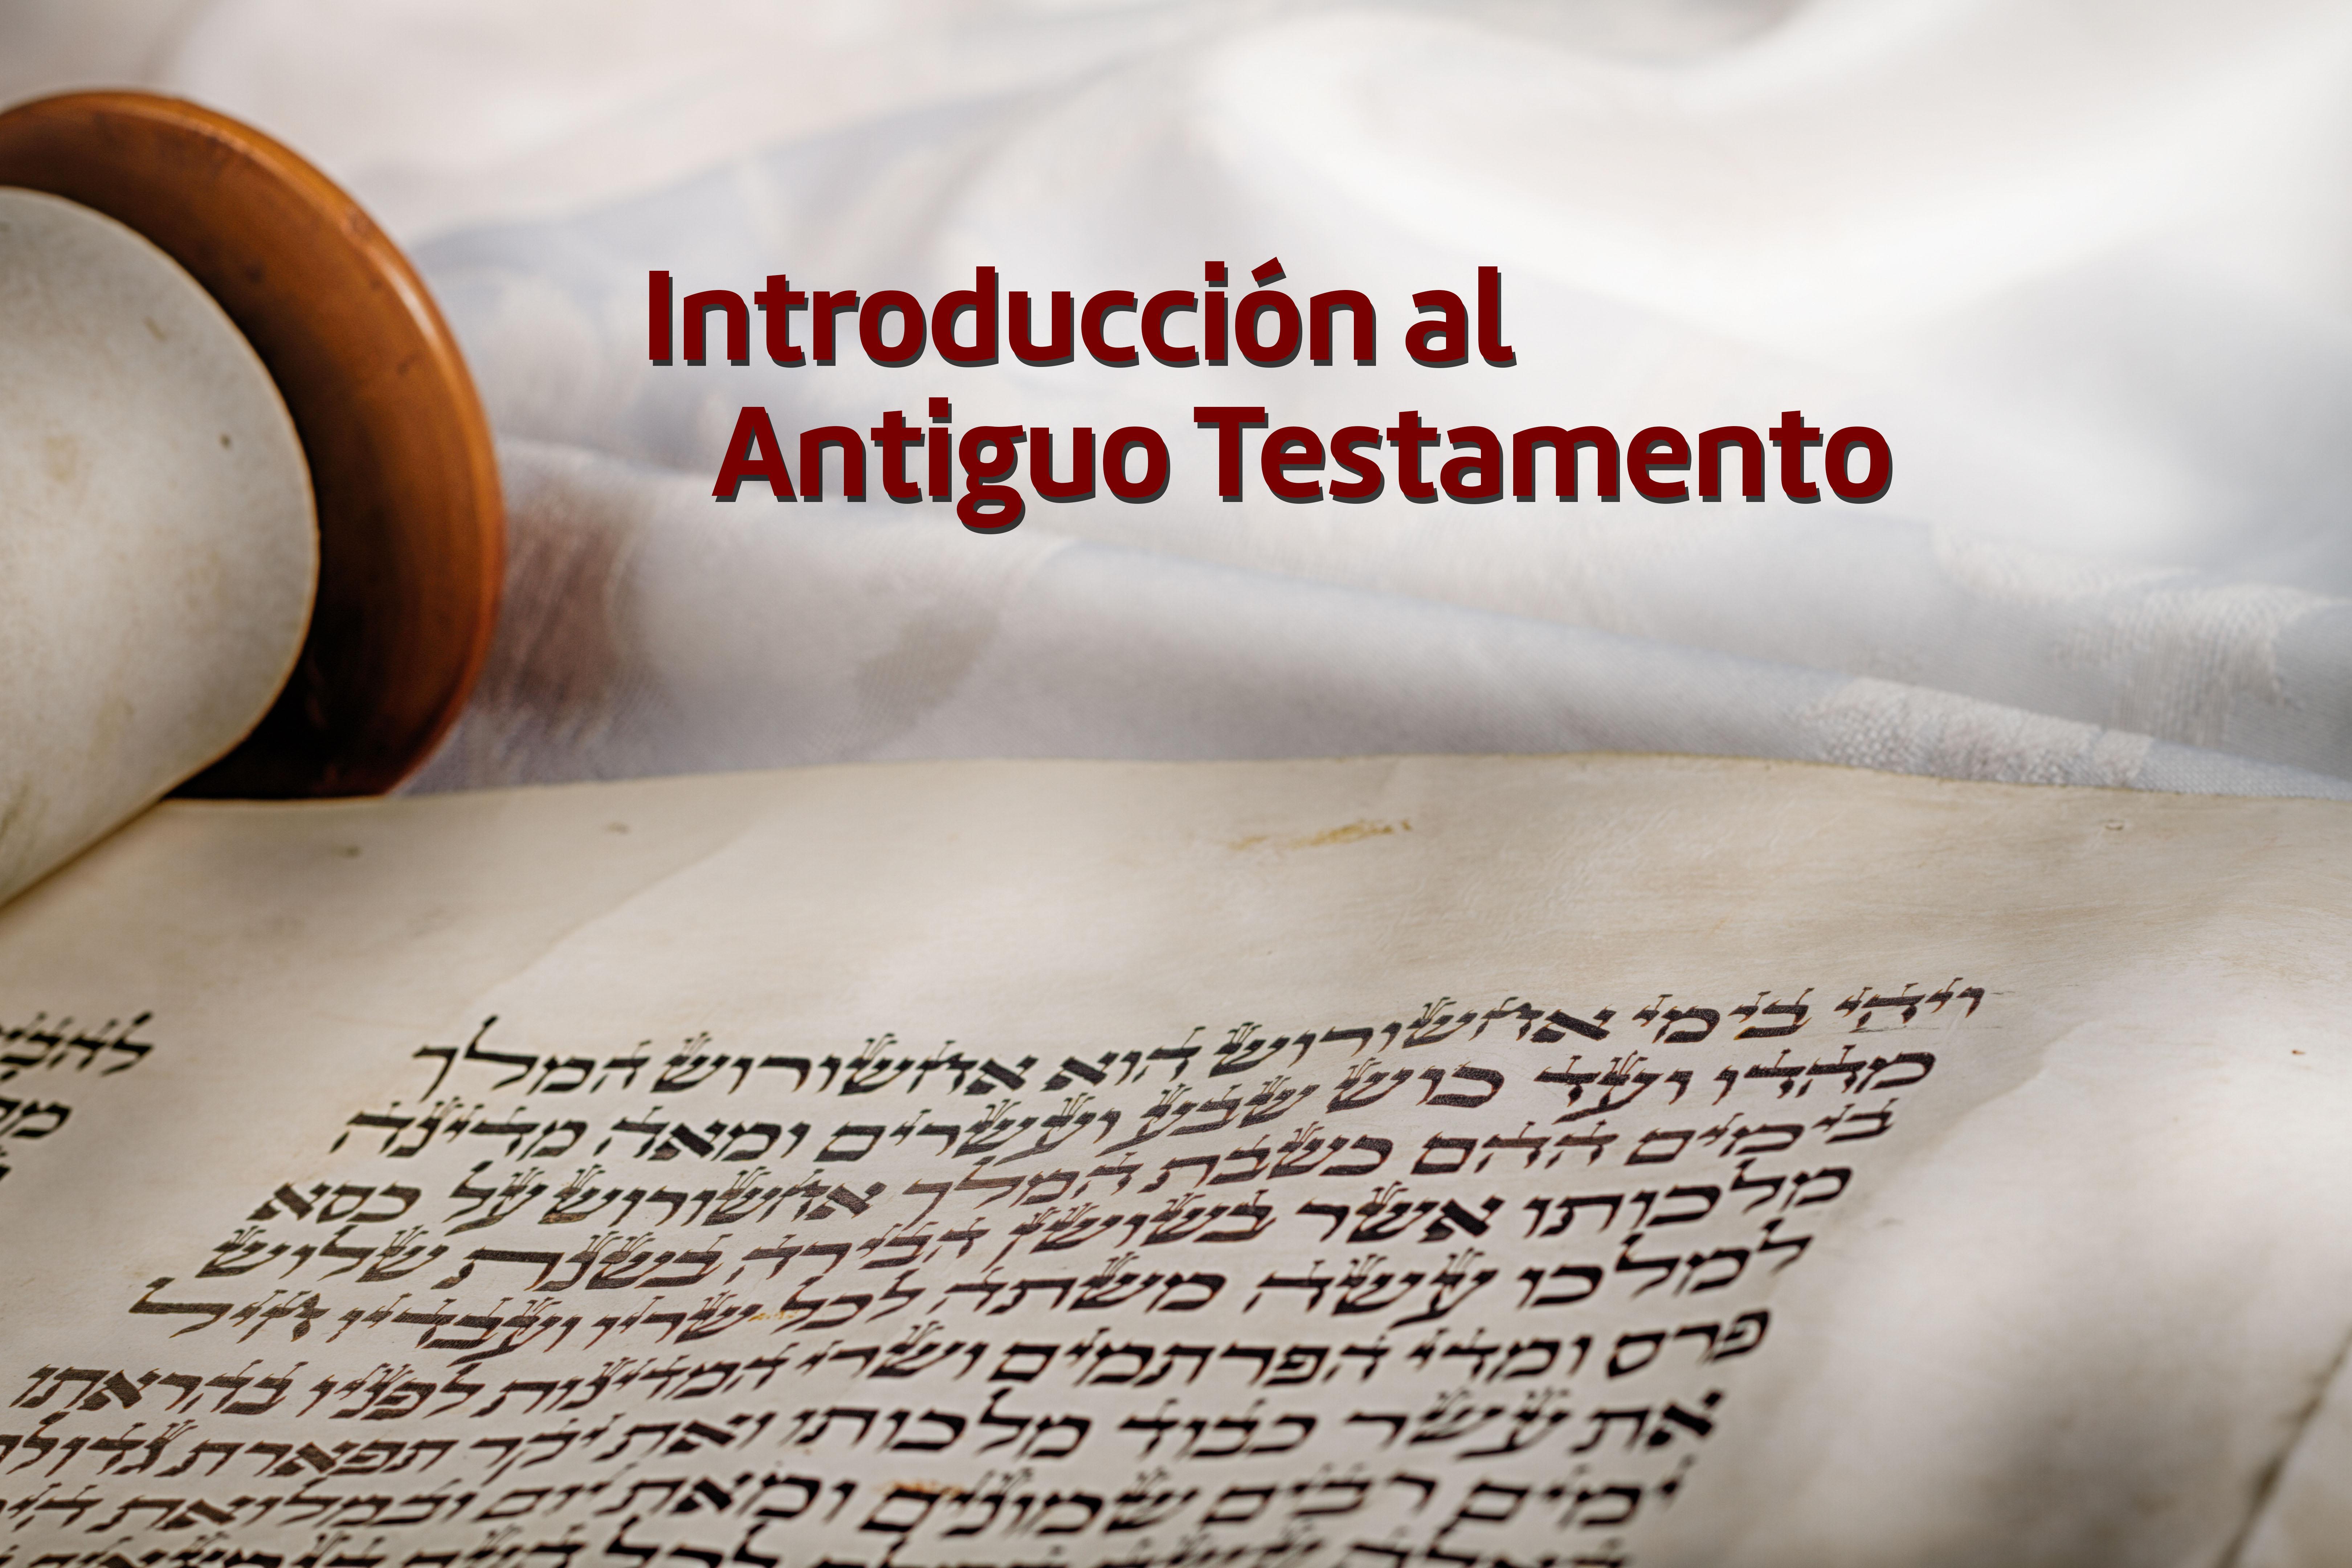 Introduccion al antiguo testamento1